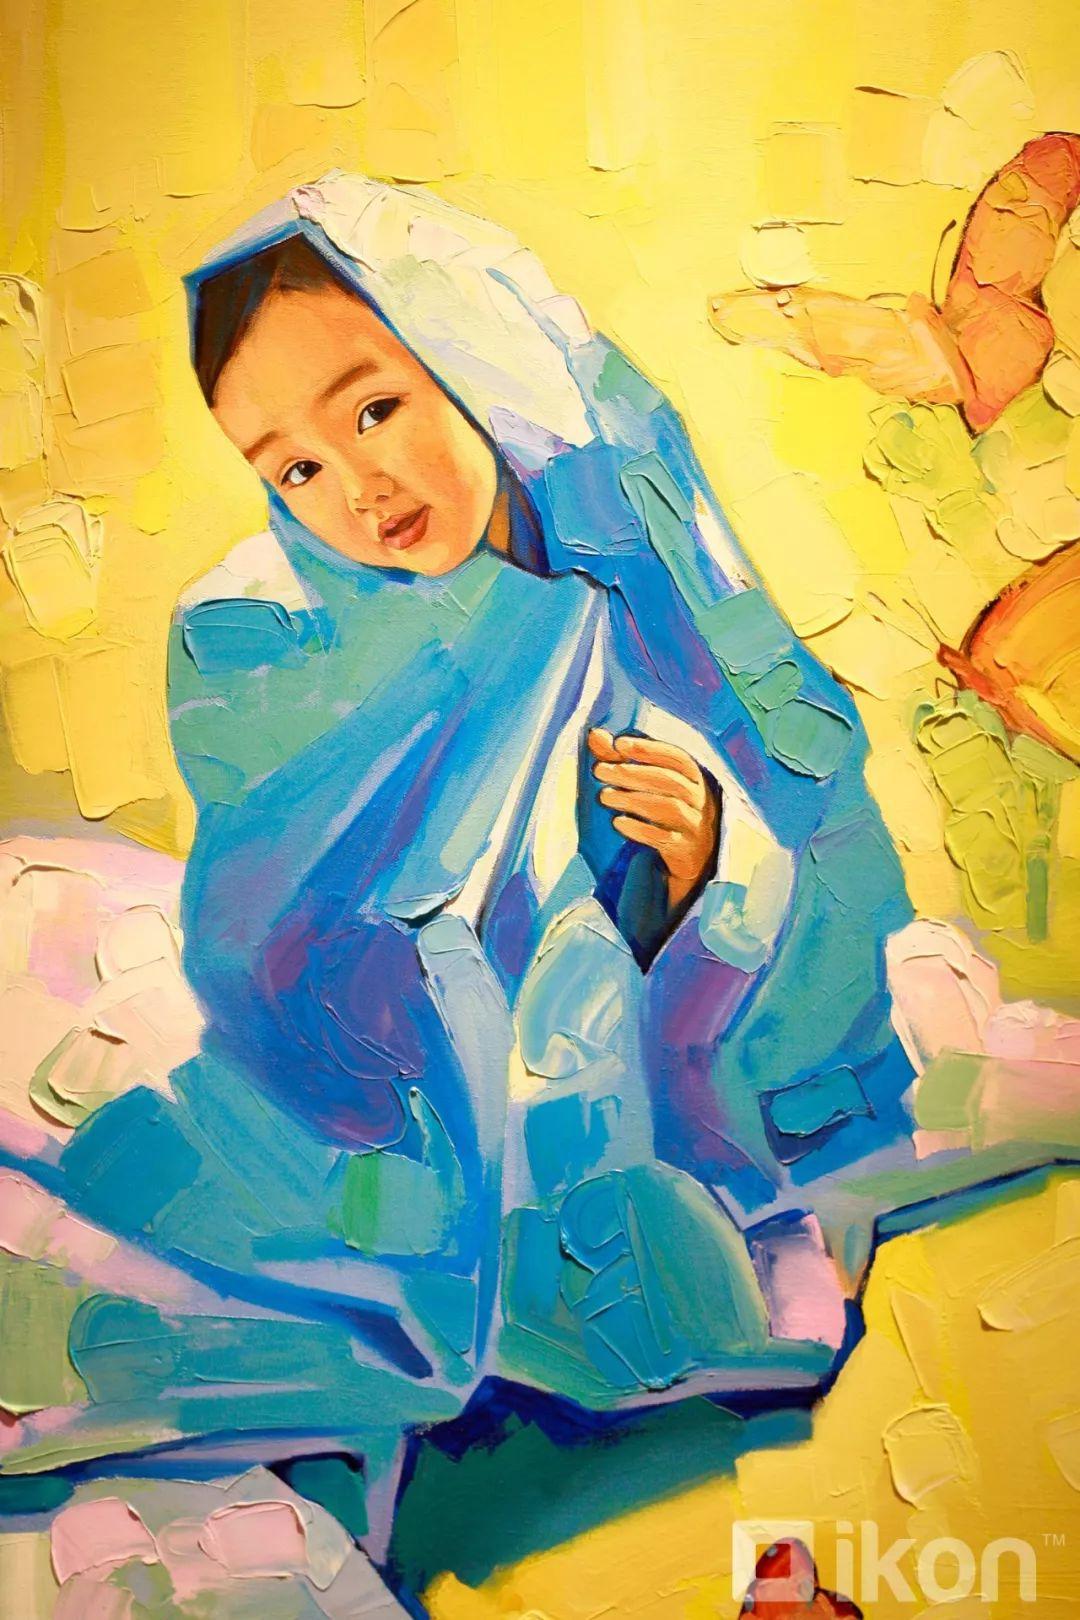 """蒙古国天才艺术家们的""""Mongol goo""""三八妇女节特别展览 第1张 蒙古国天才艺术家们的""""Mongol goo""""三八妇女节特别展览 蒙古画廊"""